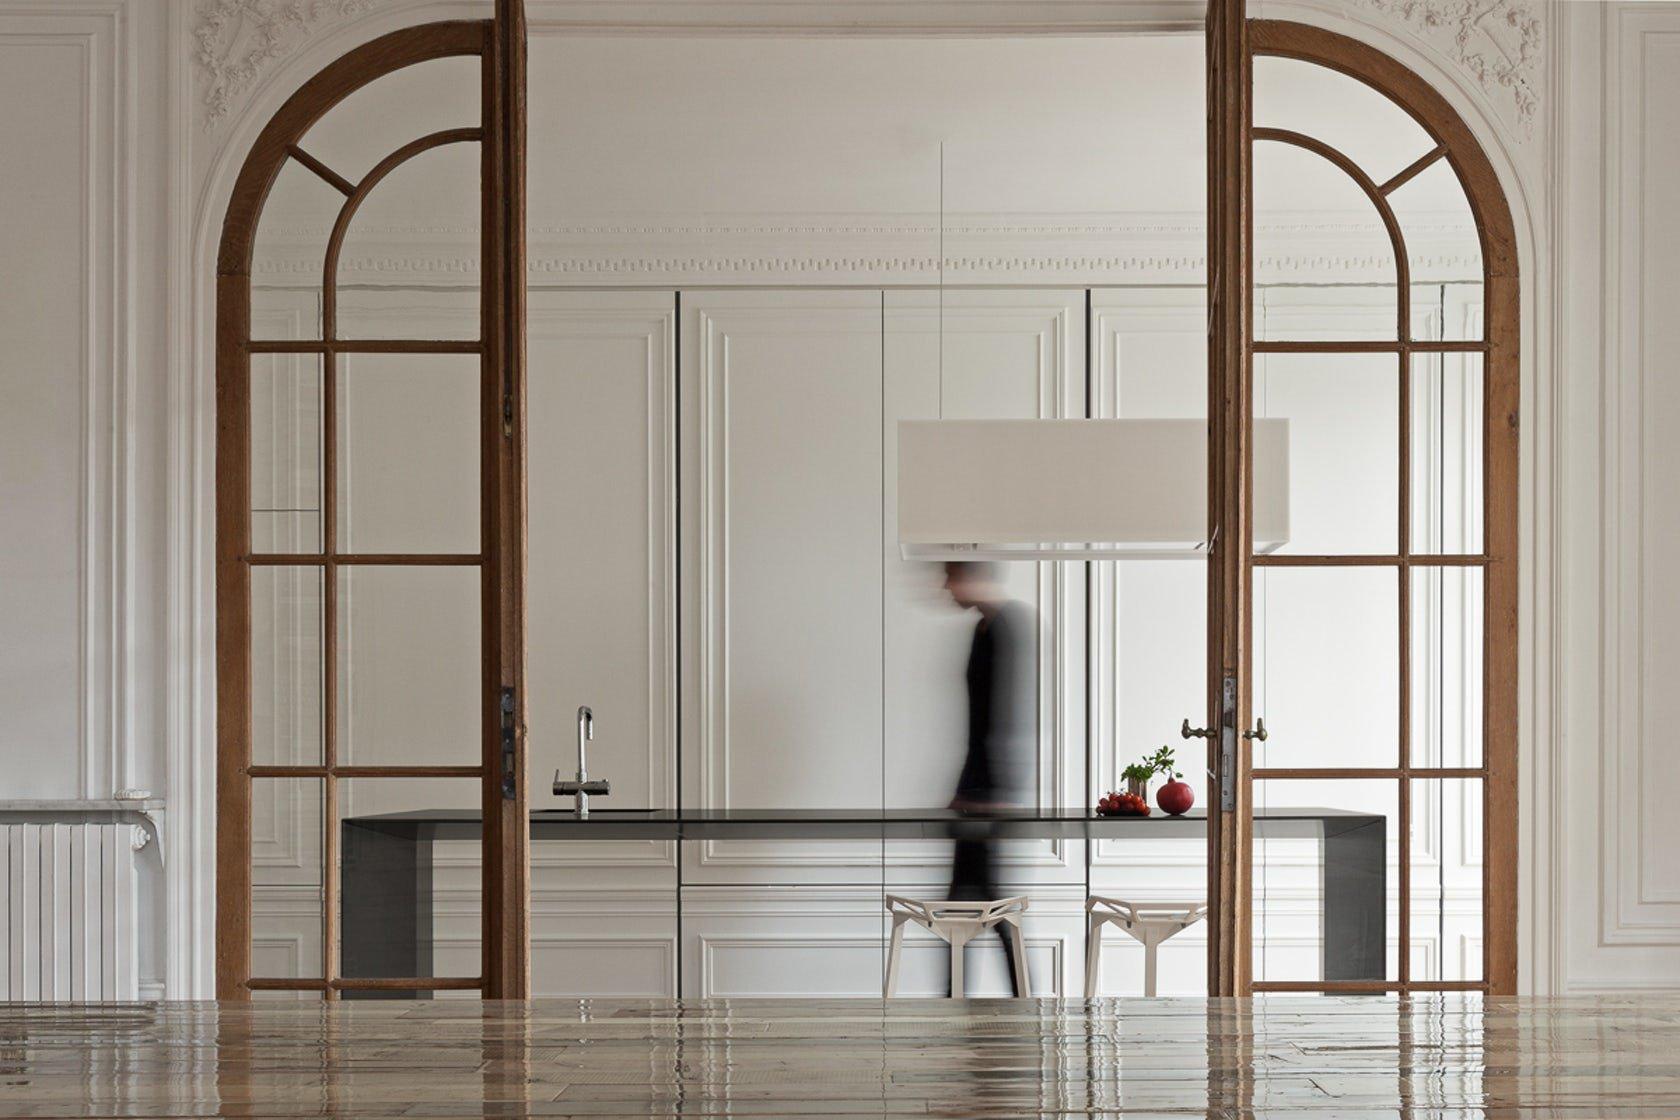 Progettazione Dinterni Fai Da Te : Ristrutturare casa u motivi per scegliere un architetto d